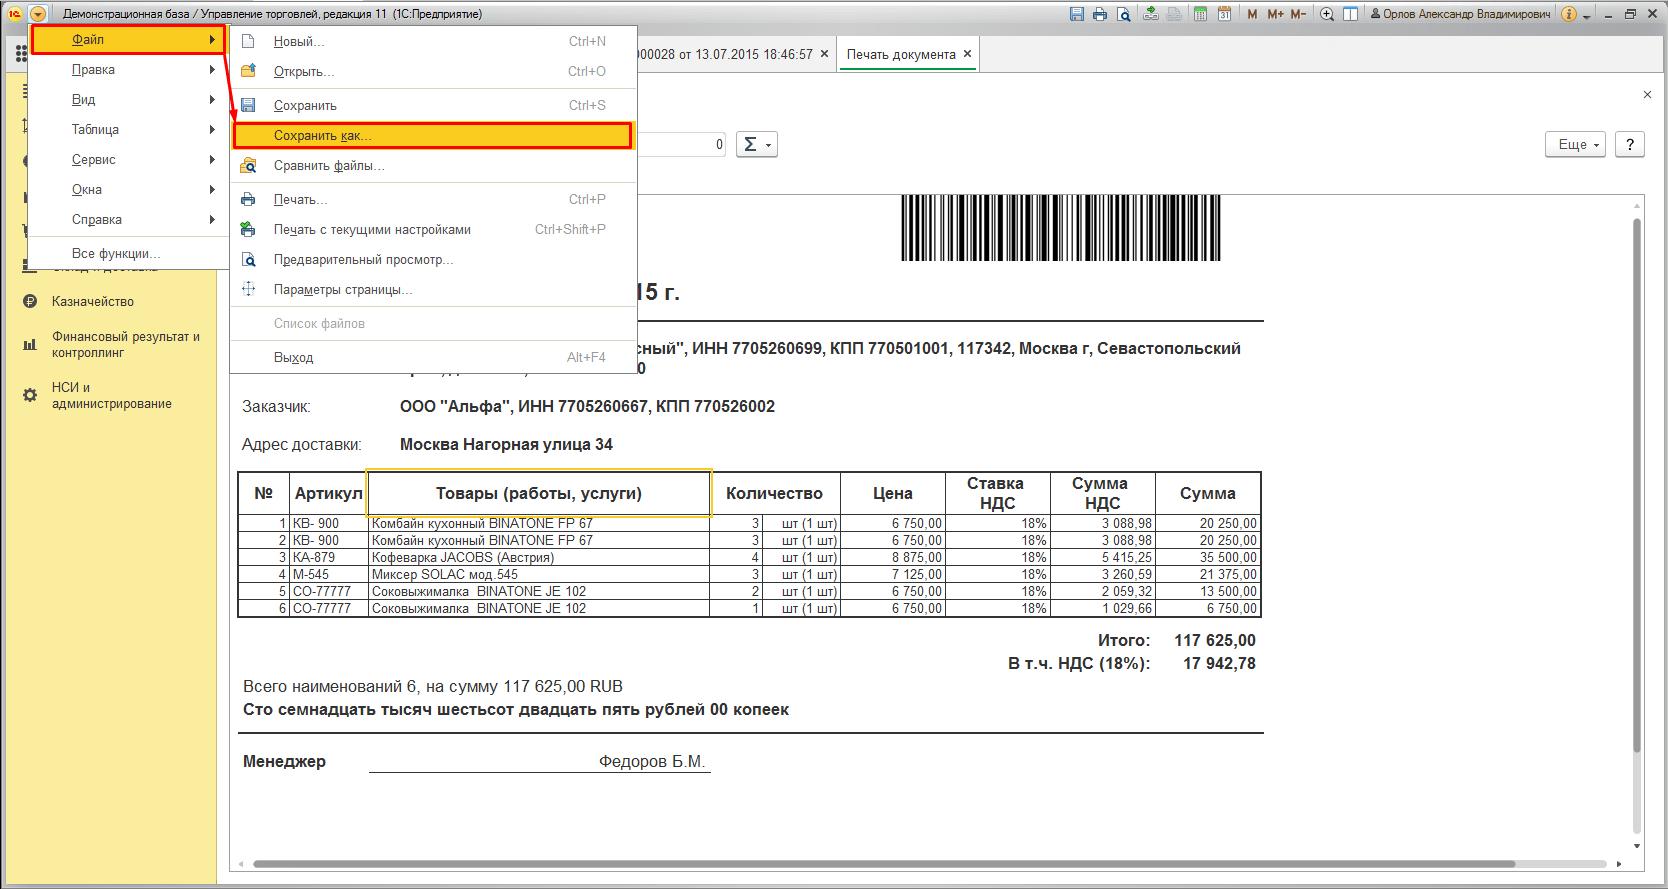 Как оформить реестр передаваемых документов?